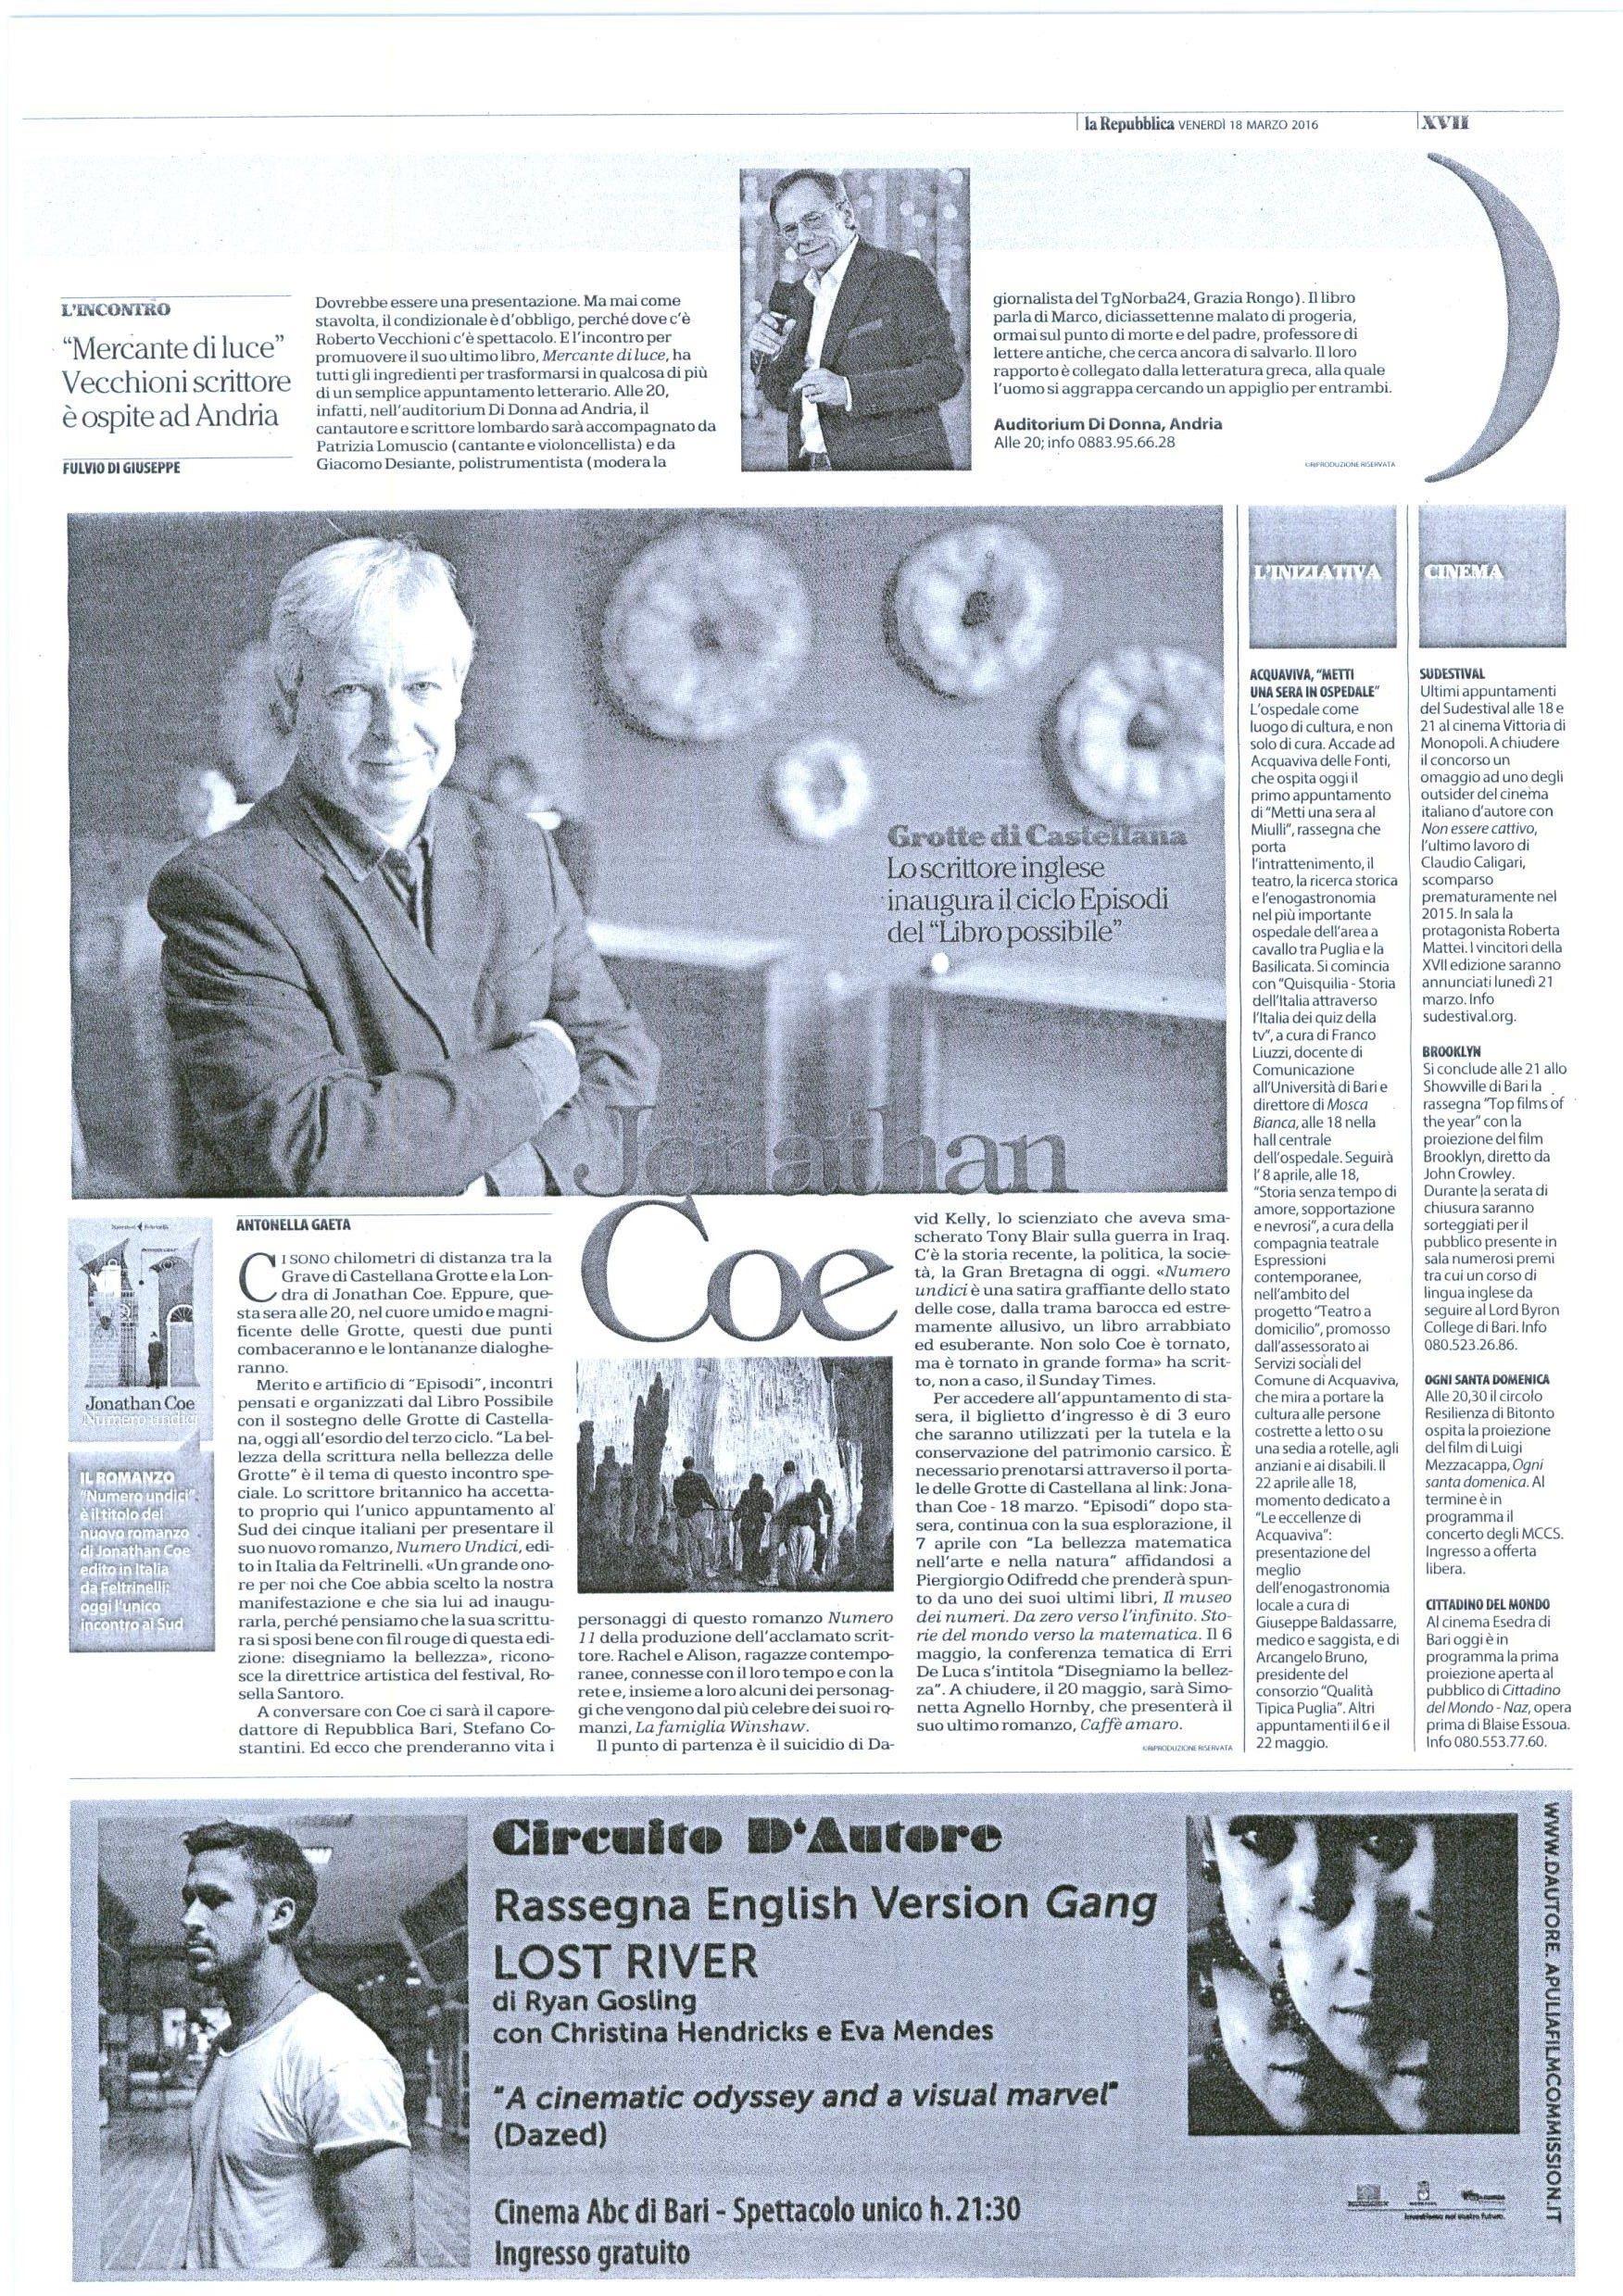 Repubblica 18-03-16